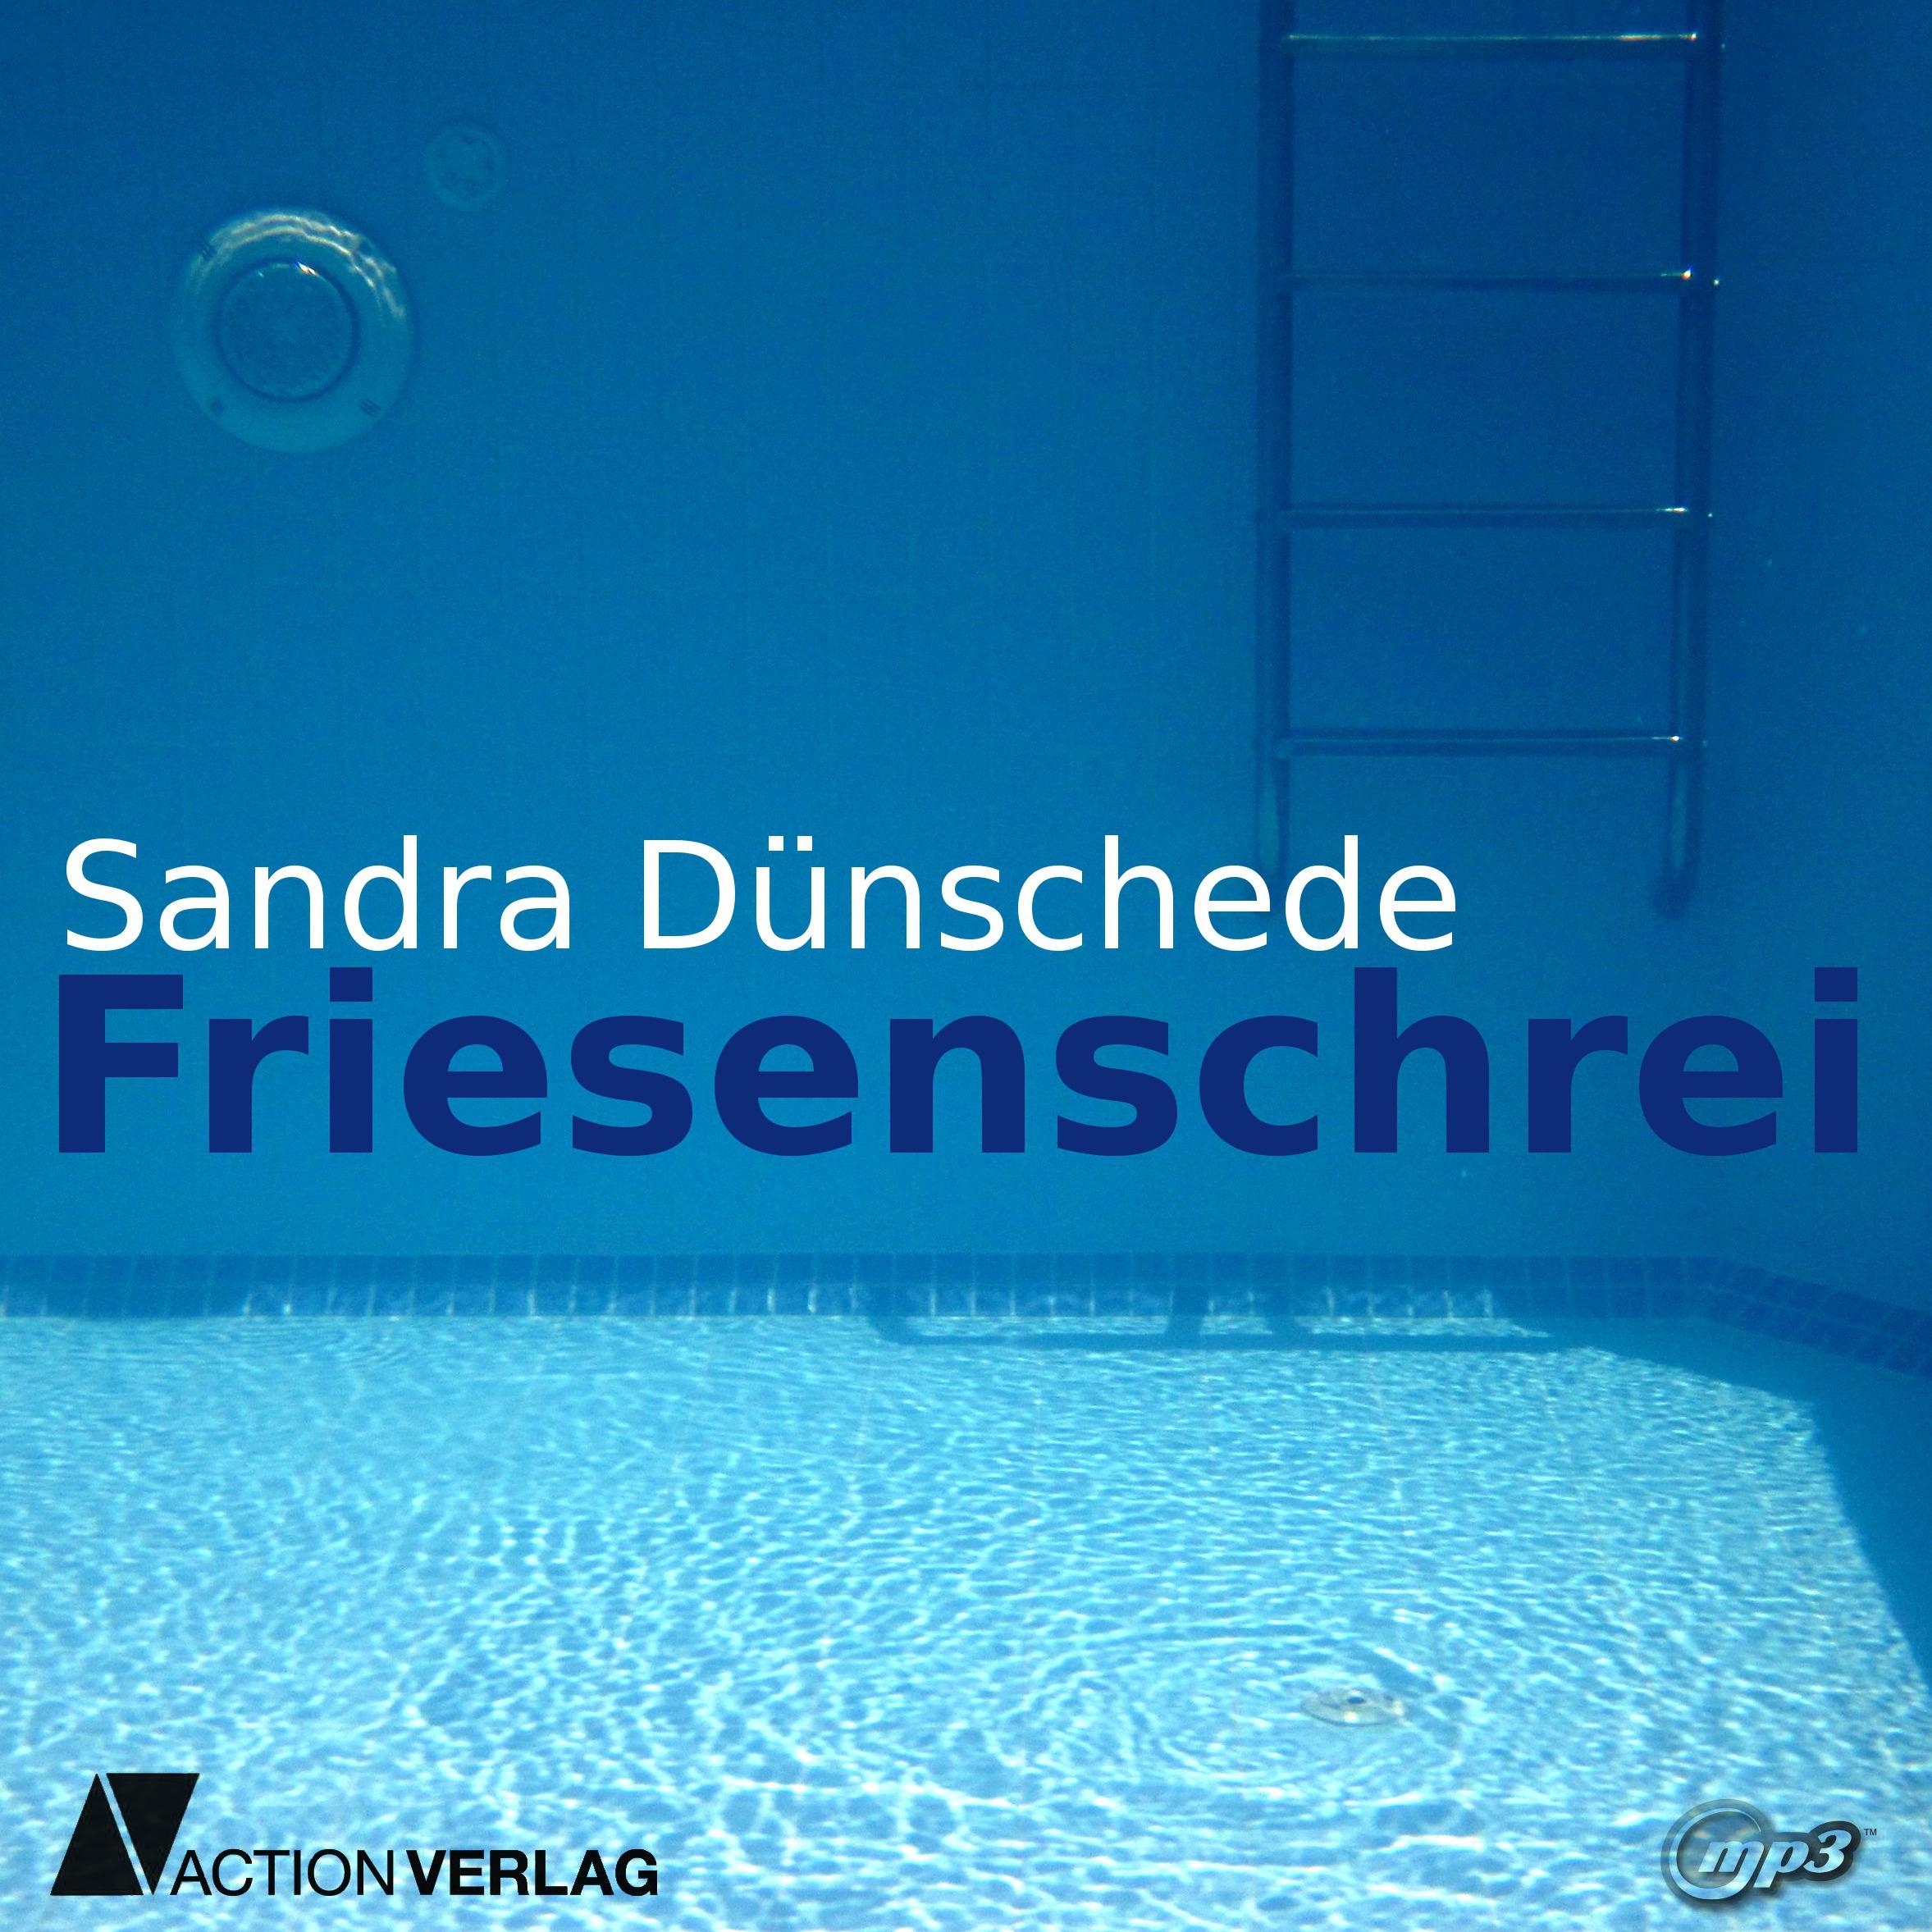 Friesenschrei (mp3-CD, 6 Stunden 22 Minuten)